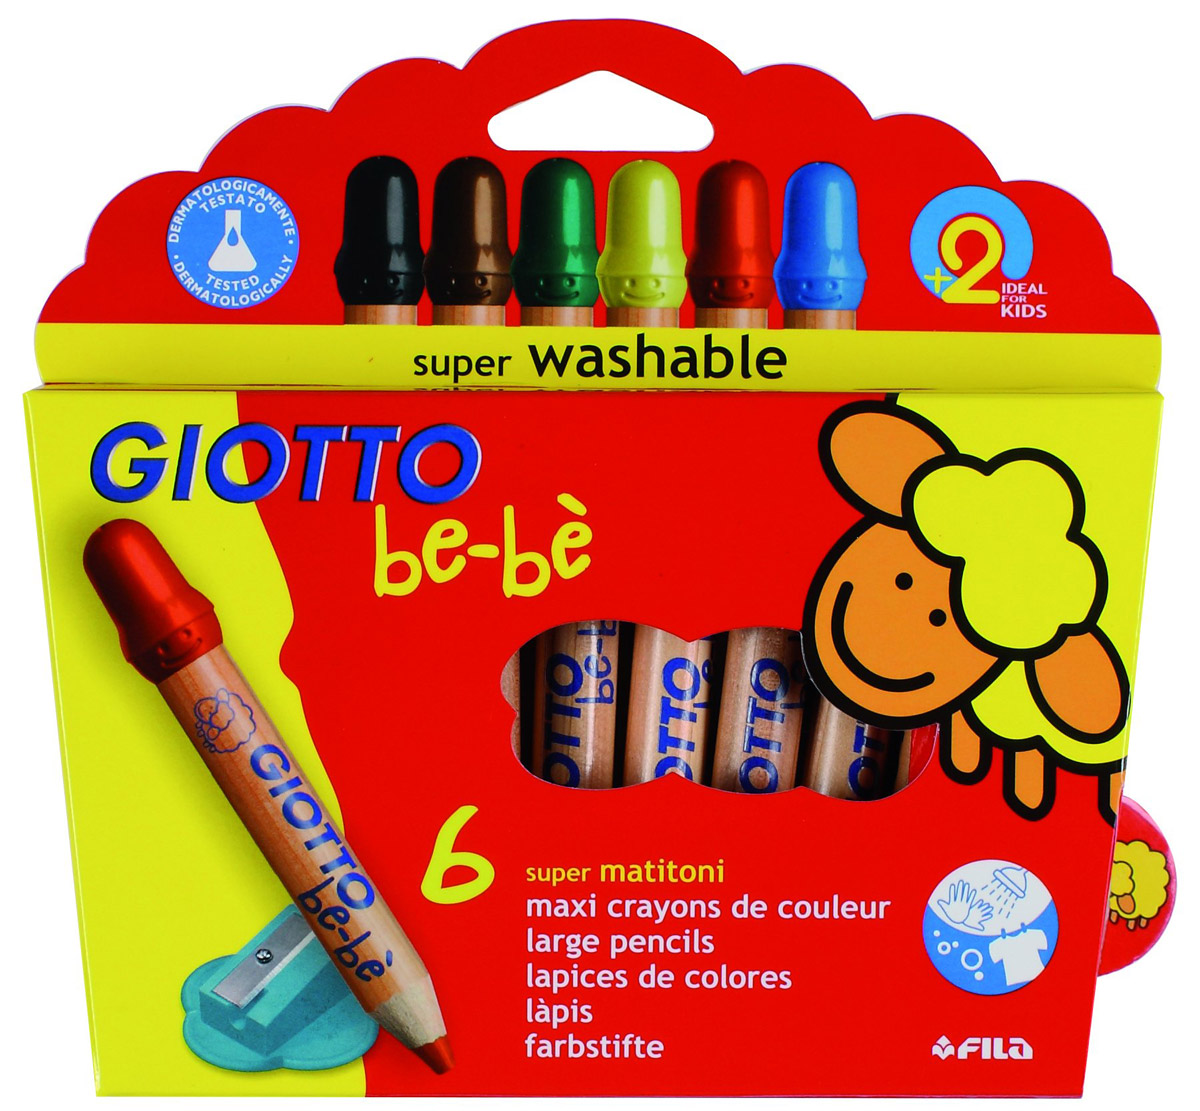 Giotto Набор цветных карандашей Bebe Super Largepencils c точилкой 6 шт466400Цветные карандаши Glotto Bebe Super Largepencils непременно, понравятся вашему юному художнику. Набор включает в себя 6 ярких насыщенных цветных карандаша утолщенной формы. Каждый карандаш имеет защитный колпачок. Идеально подходят для детских садов и школьников младших классов. Карандаши изготовлены из калифорнийского кедра, экологически чистые. Имеют прочный неломающийся грифель, не требующий сильного нажатия и легко затачиваются. Без труда стираются и отстирываются. Порадуйте своего ребенка таким восхитительным подарком! В комплекте: 6 карандашей, точилка. Цветные карандаши Glotto Bebe Super Largepencils непременно, понравятся вашему юному художнику. Набор включает в себя 6 ярких насыщенных цветных карандаша утолщенной формы. Каждый карандаш имеет защитный колпачок. Идеально подходят для детских садов и школьников младших классов. Карандаши изготовлены из калифорнийского кедра, экологически чистые. Имеют прочный неломающийся грифель, не требующий сильного нажатия и легко затачиваются. Без труда стираются и отстирываются. Порадуйте своего ребенка таким восхитительным подарком! Характеристики:Материал:дерево, грифель.